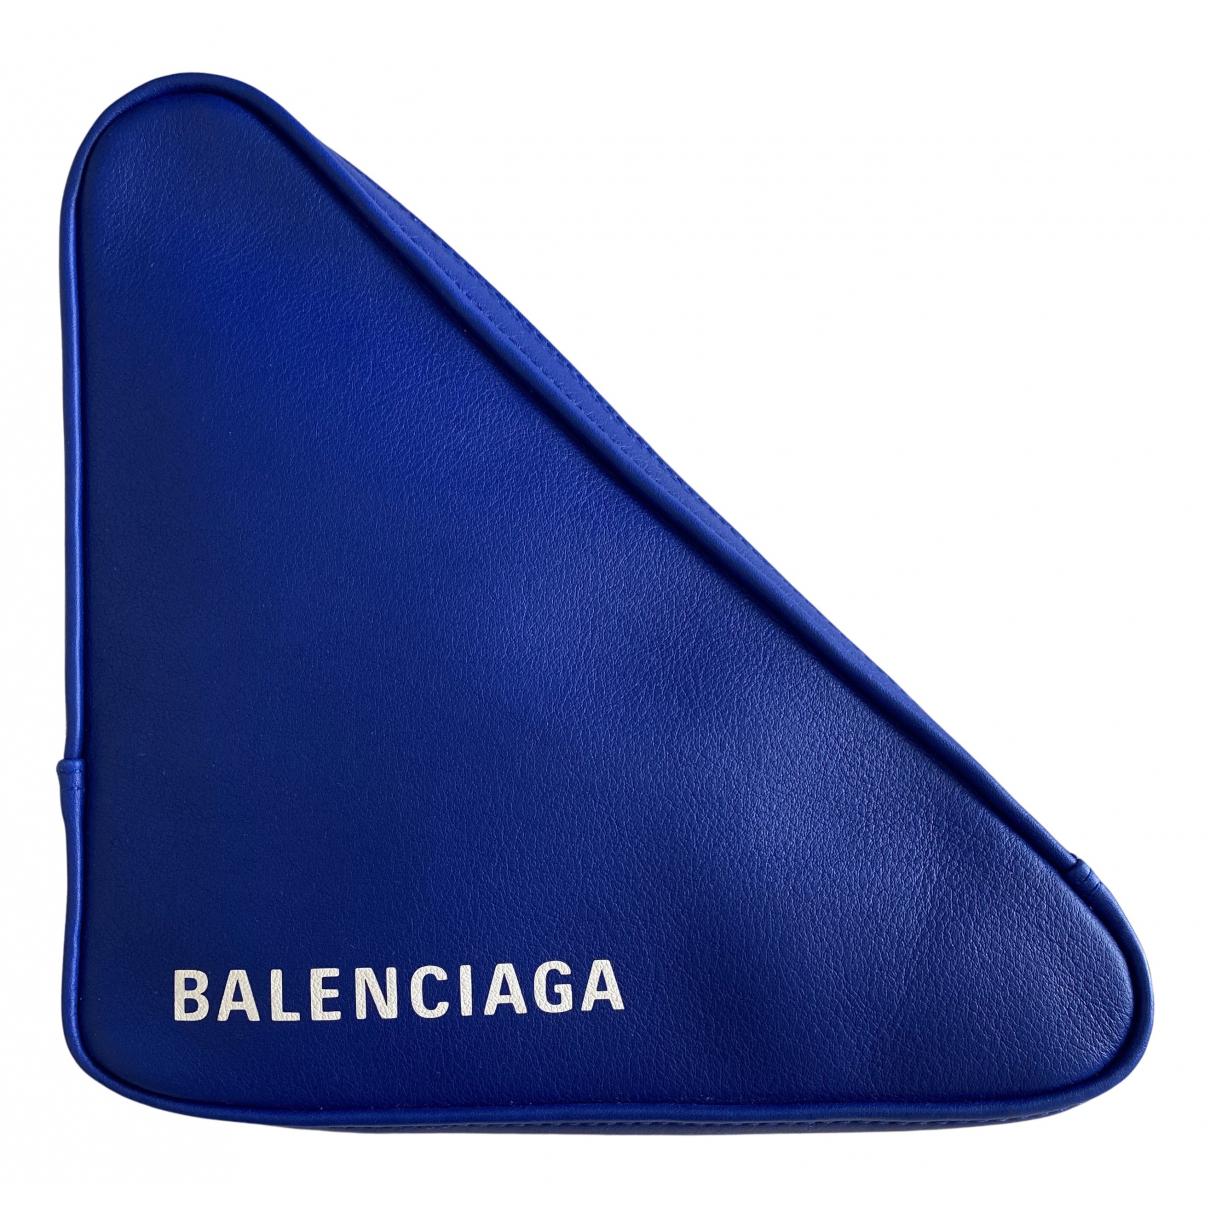 Balenciaga Triangle Blue Leather Clutch bag for Women N